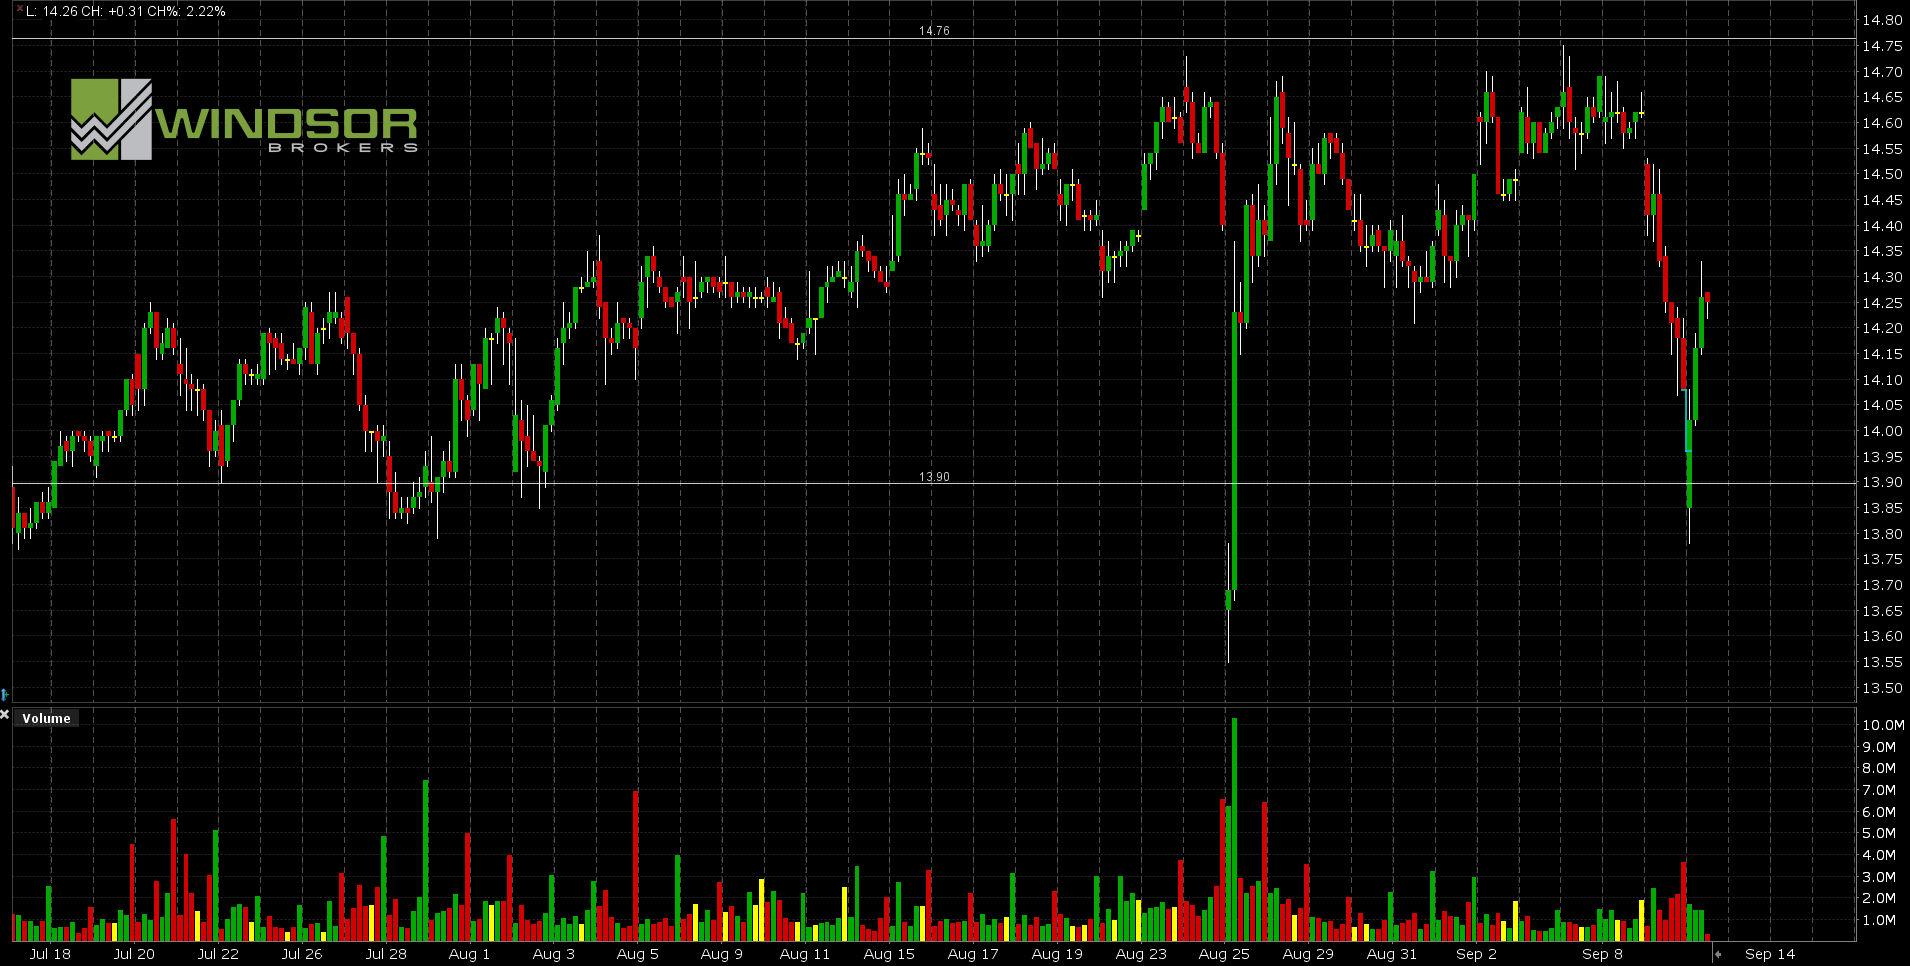 Wykres HPQ dla interwału H1. All Markets Online.